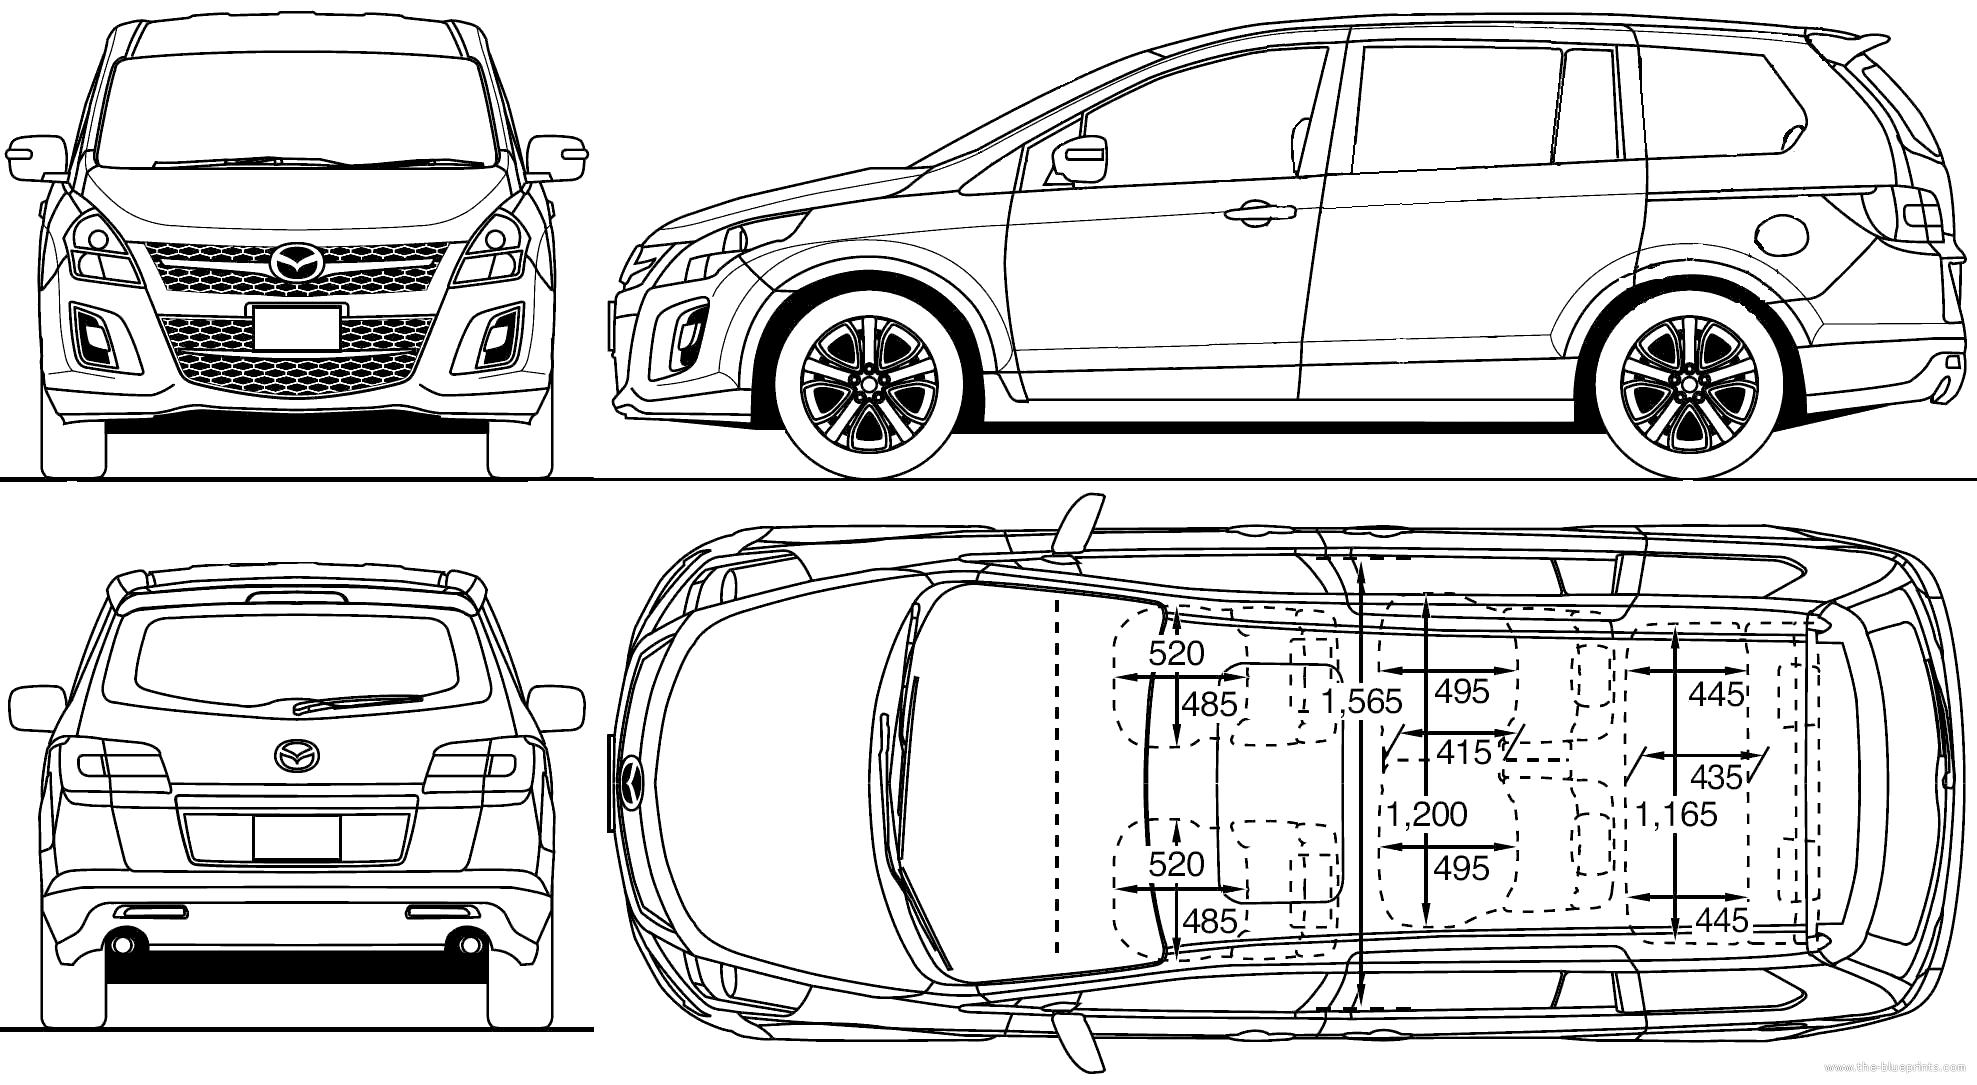 Blueprints > Cars > Mazda > Mazda MPV (2010)